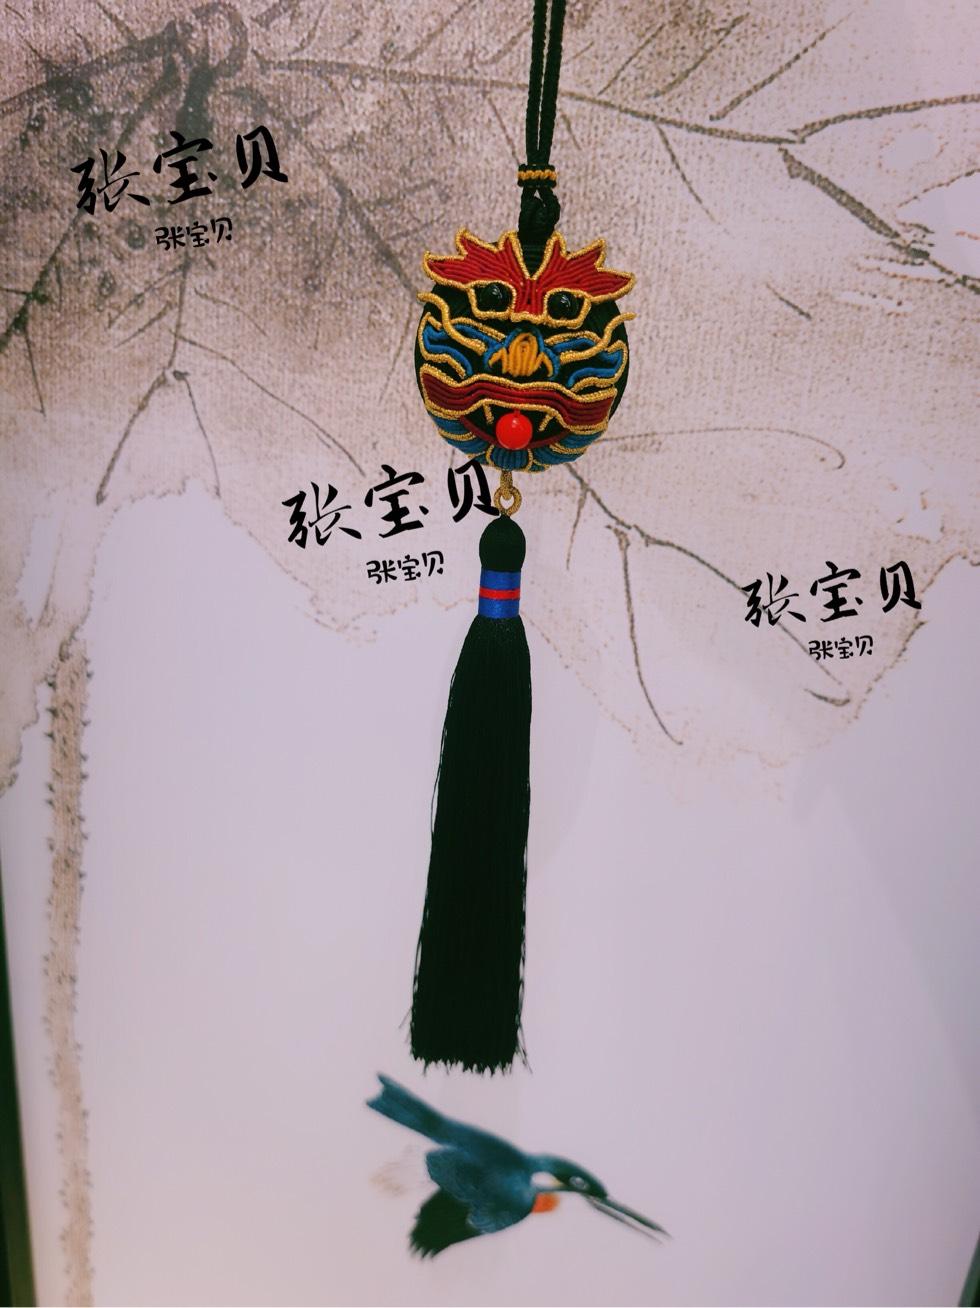 中国结论坛 完成啦 完成是什么,完成意思,卡在完成安装,保质保量完成,完成得很好 作品展示 203917irr6w31hld1r9o36